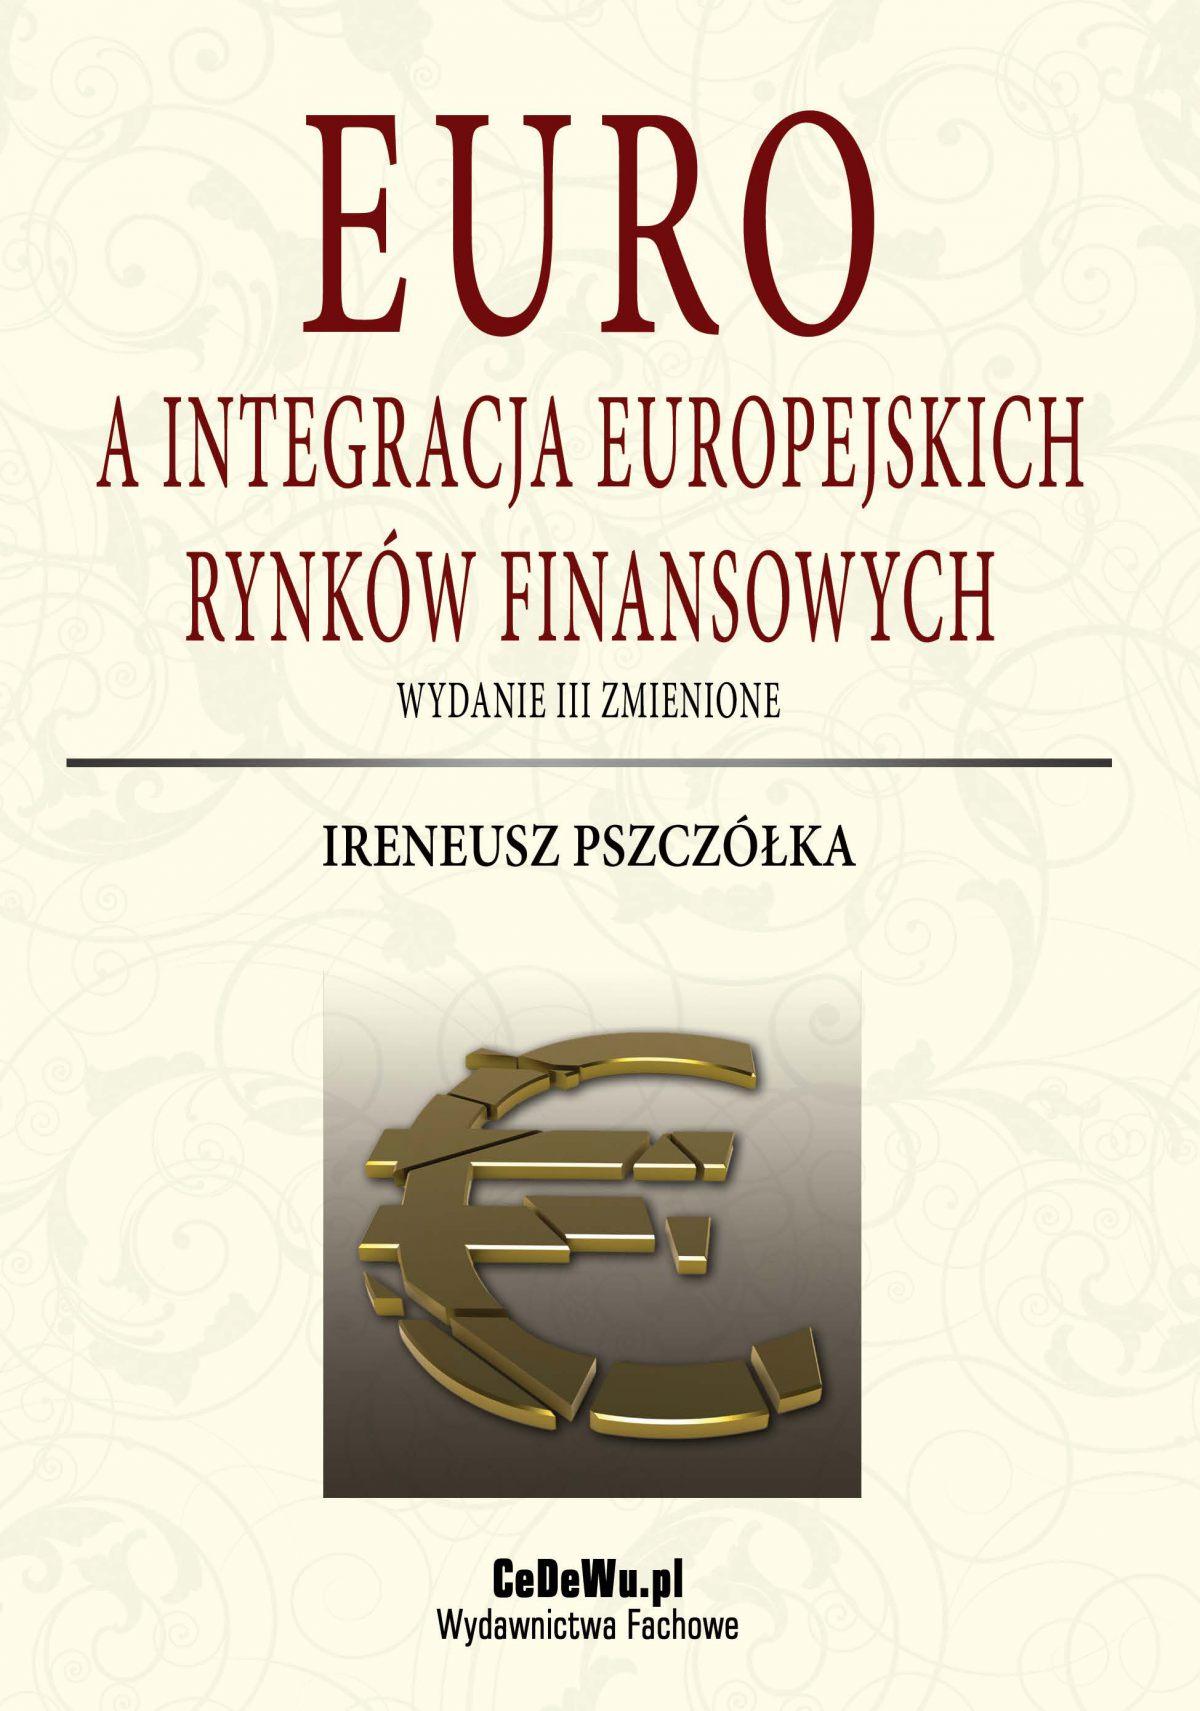 Euro a integracja europejskich rynków finansowych (wyd. III zmienione). Rozdział 1. Koncepcja integracji monetarnej - Ebook (Książka PDF) do pobrania w formacie PDF